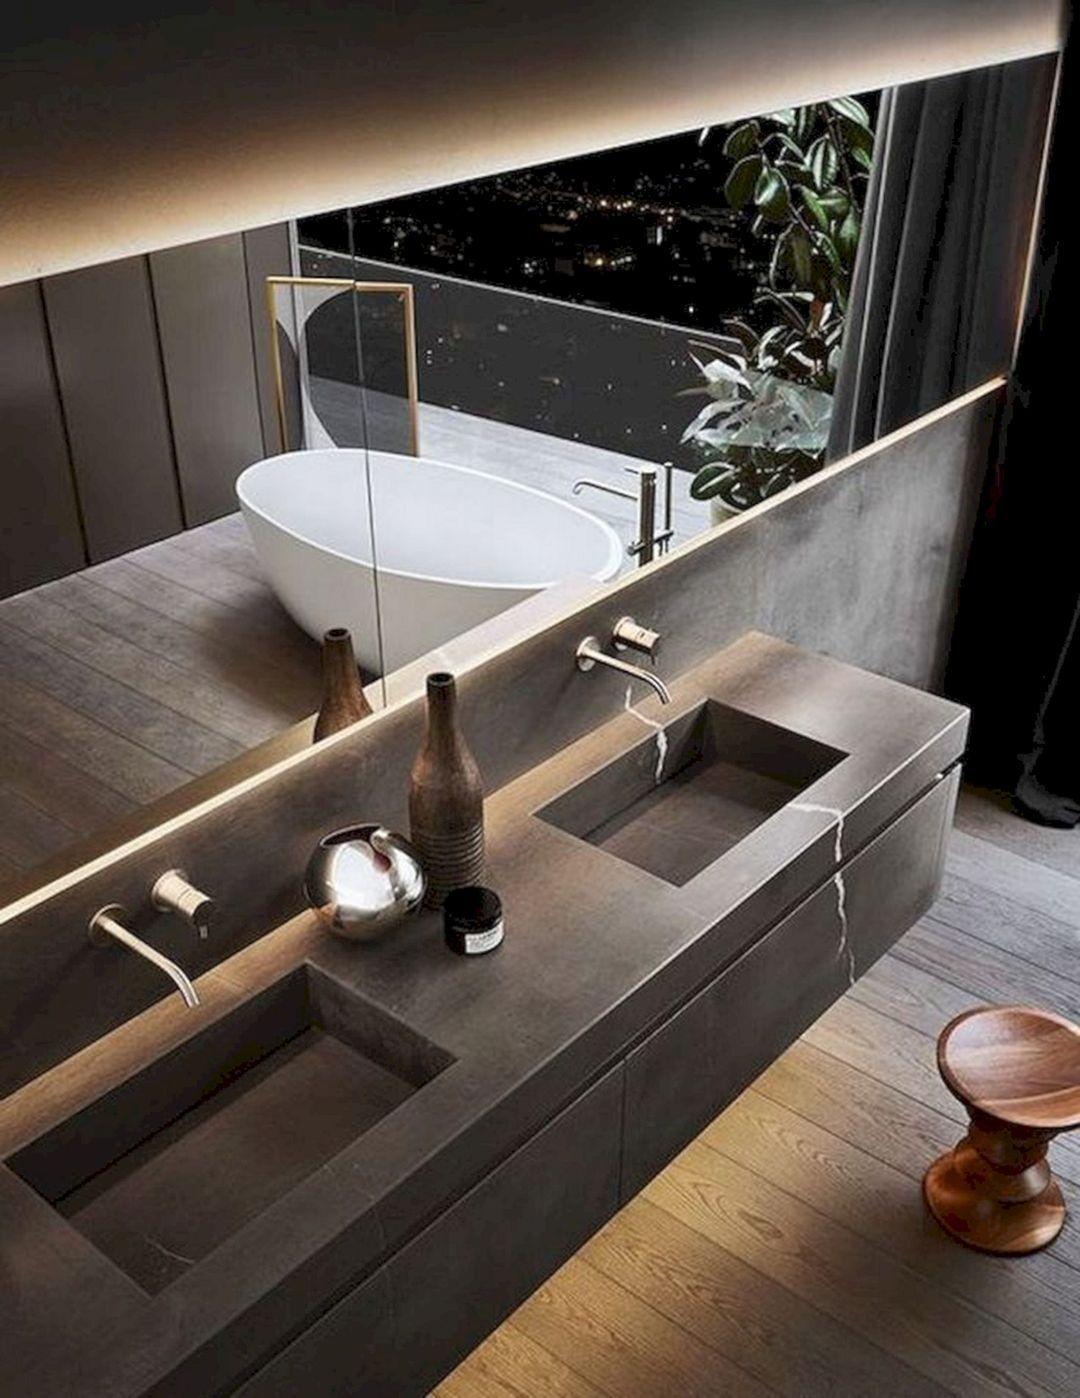 Best 7 Wonderful Modern Bathroom Sink Ideas That Look More Cool The Bathroom Sink Ideas Beco Modern Luxury Bathroom Bathroom Sink Design Bathroom Design Luxury